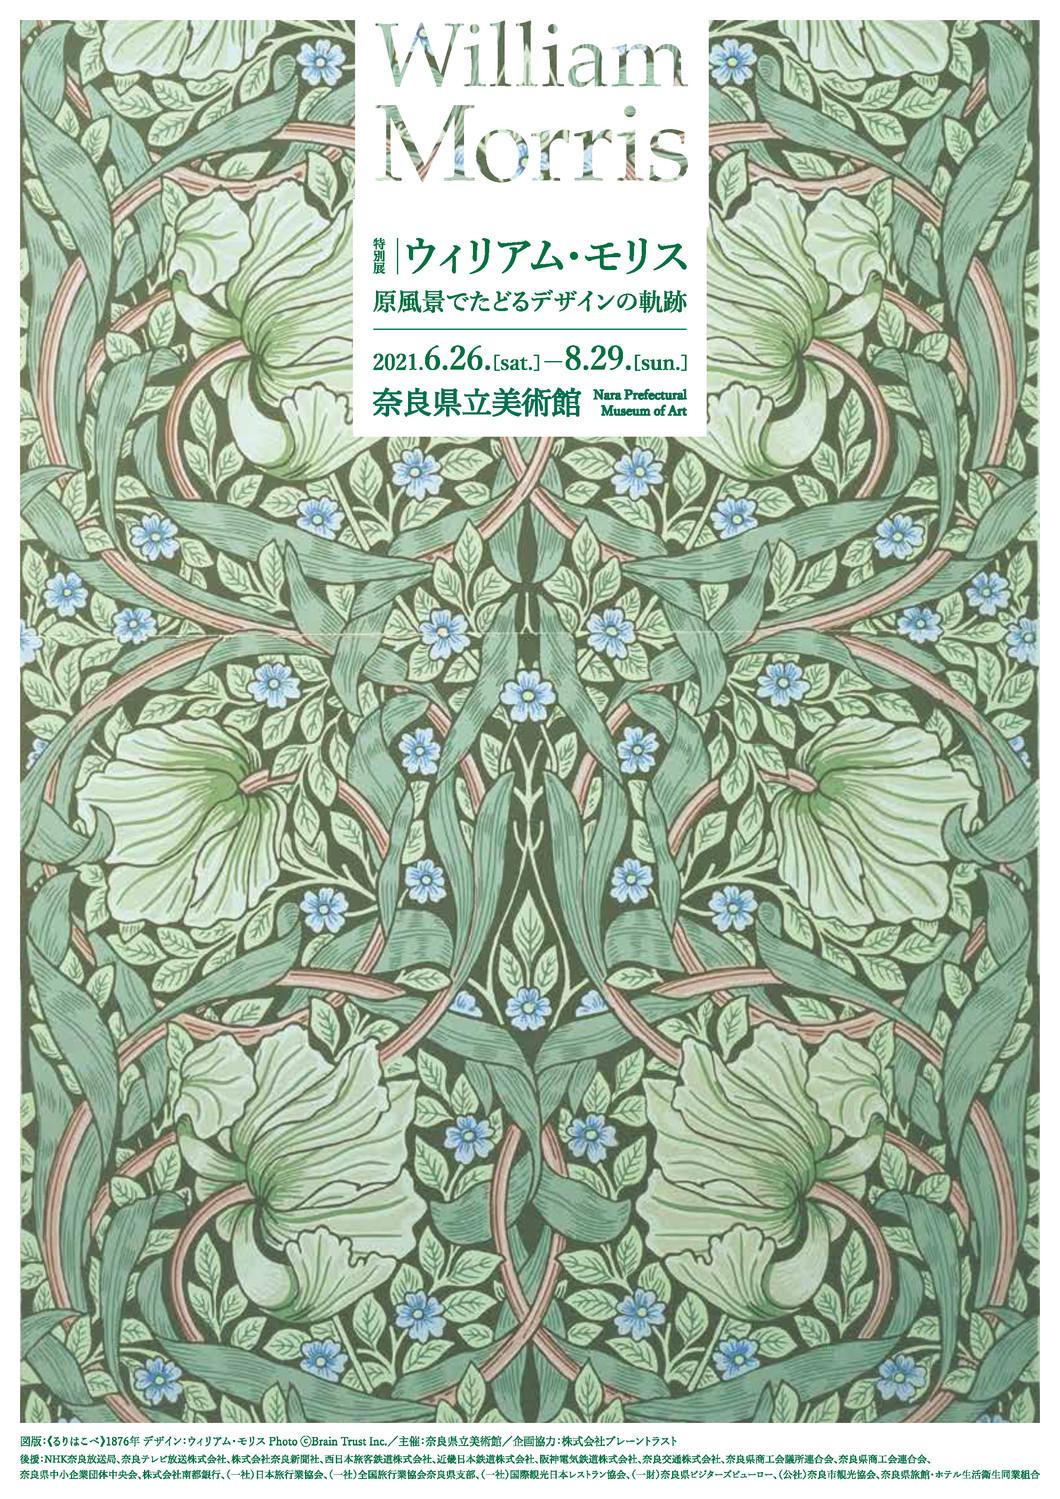 特別展「ウィリアム・モリス 原風景でたどるデザインの軌跡」